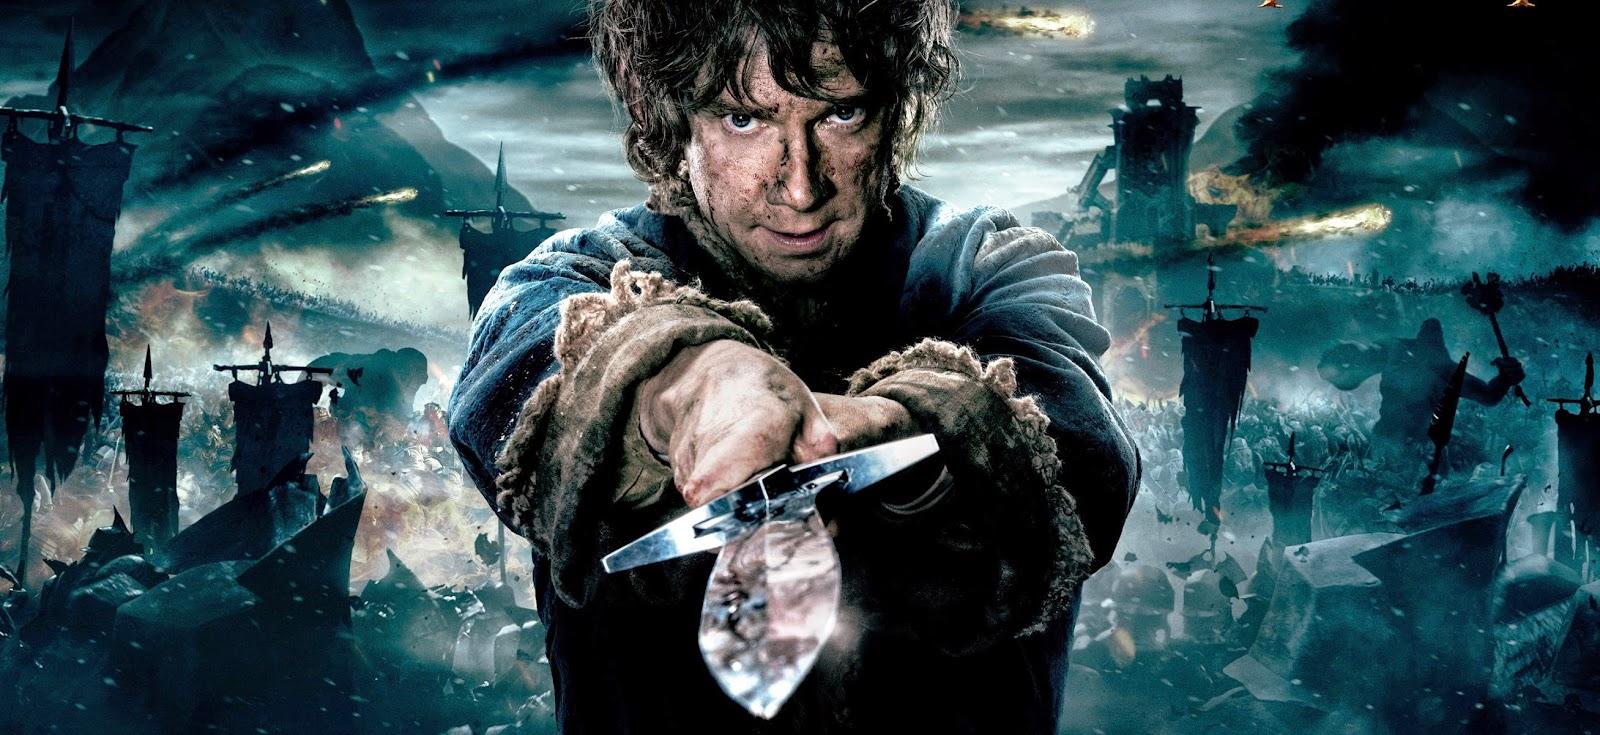 Personagens estampam os pôsteres inéditos de O Hobbit: A Batalha dos Cinco Exércitos